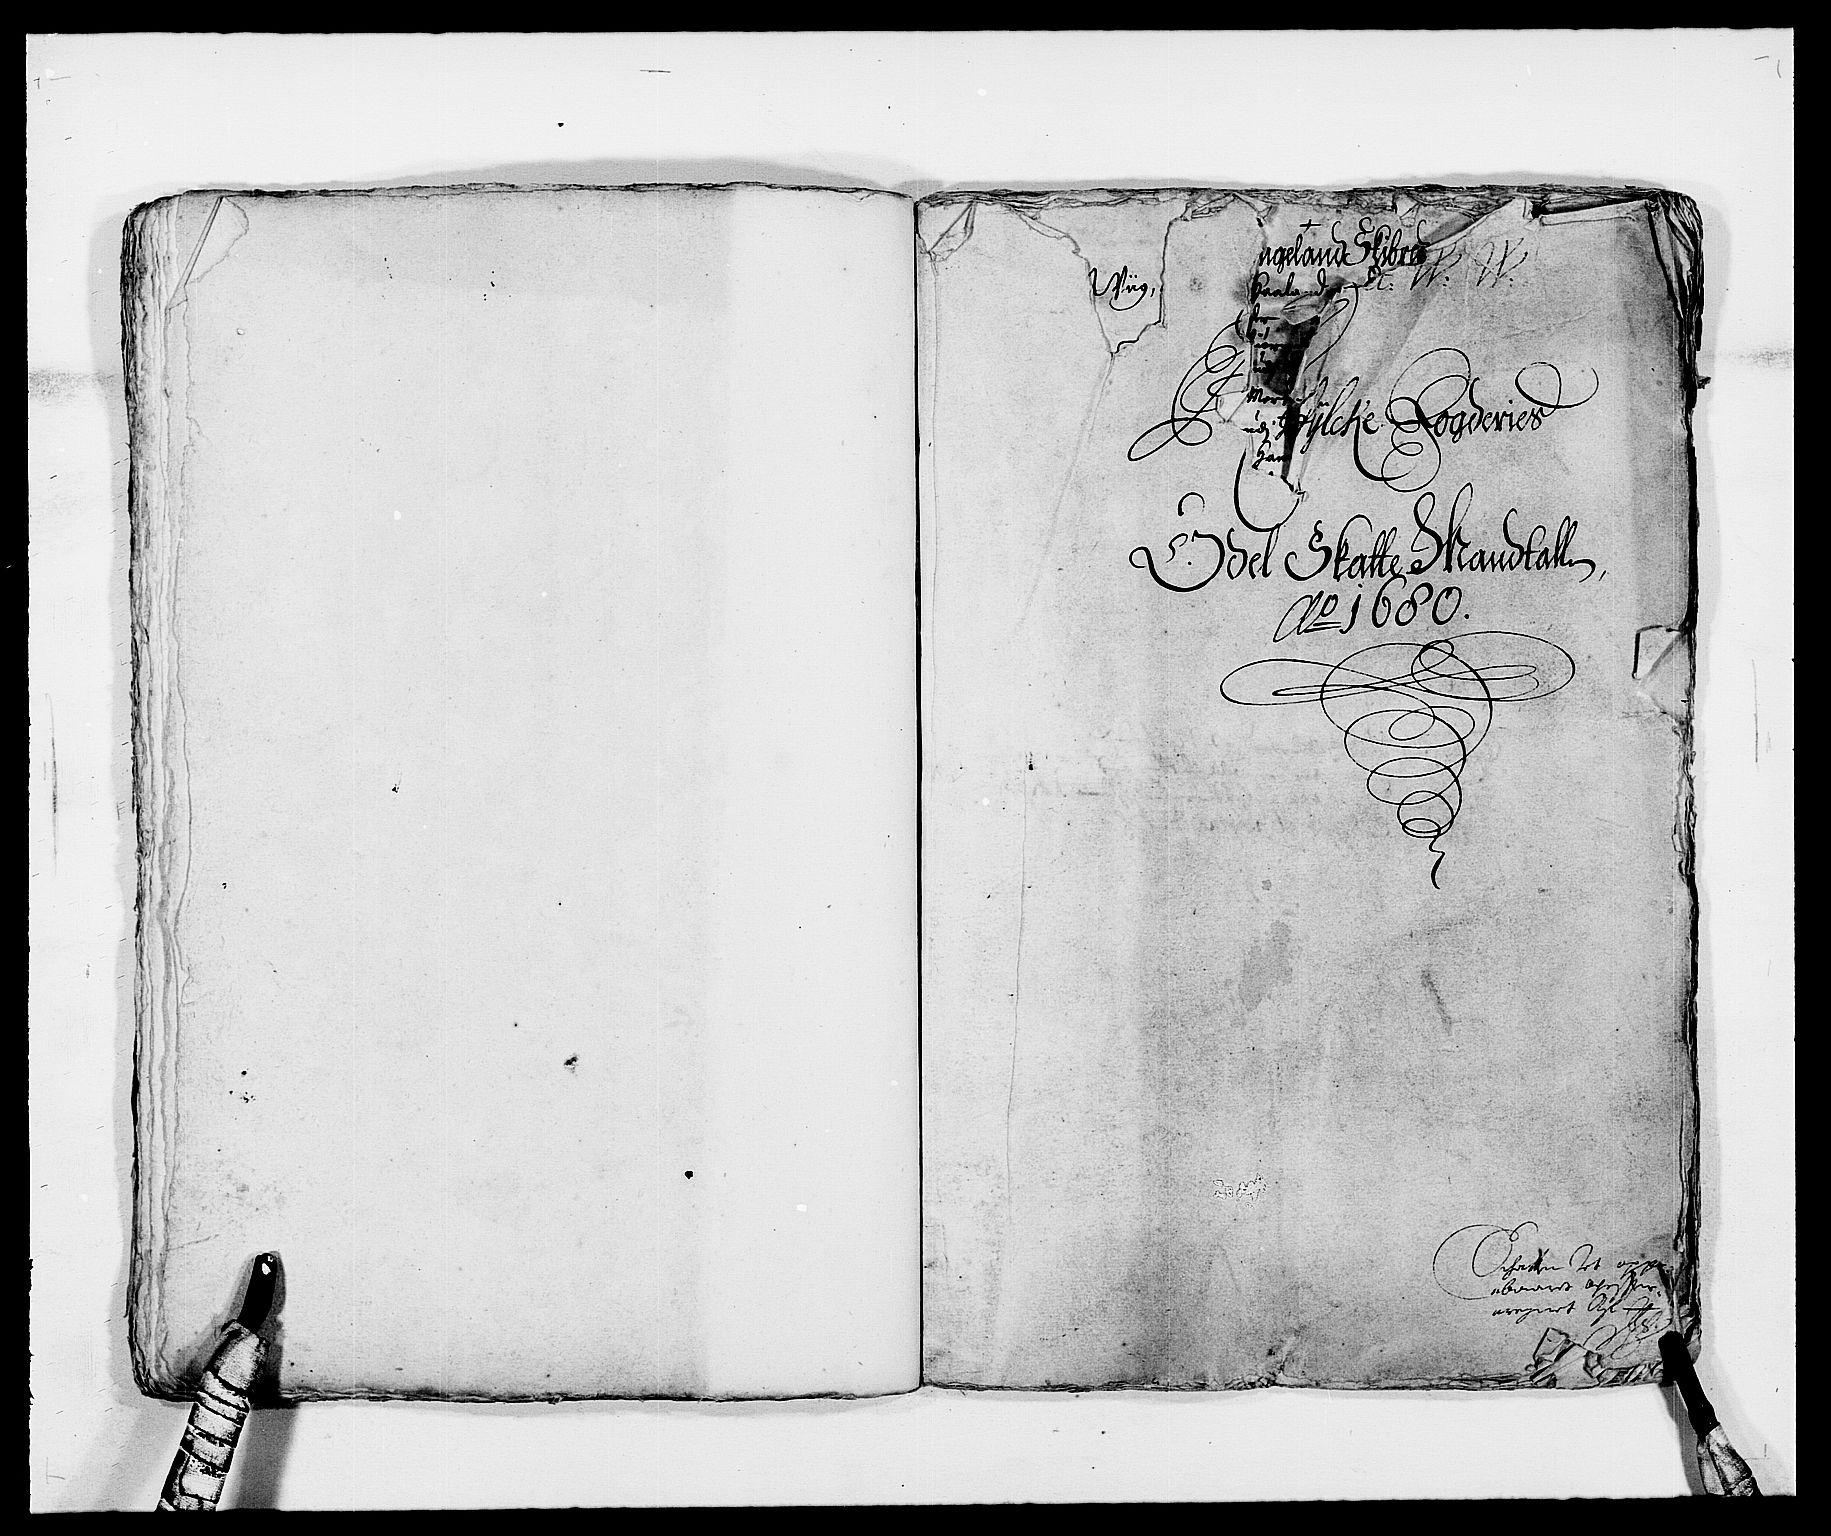 RA, Rentekammeret inntil 1814, Reviderte regnskaper, Fogderegnskap, R47/L2850: Fogderegnskap Ryfylke, 1680, s. 129